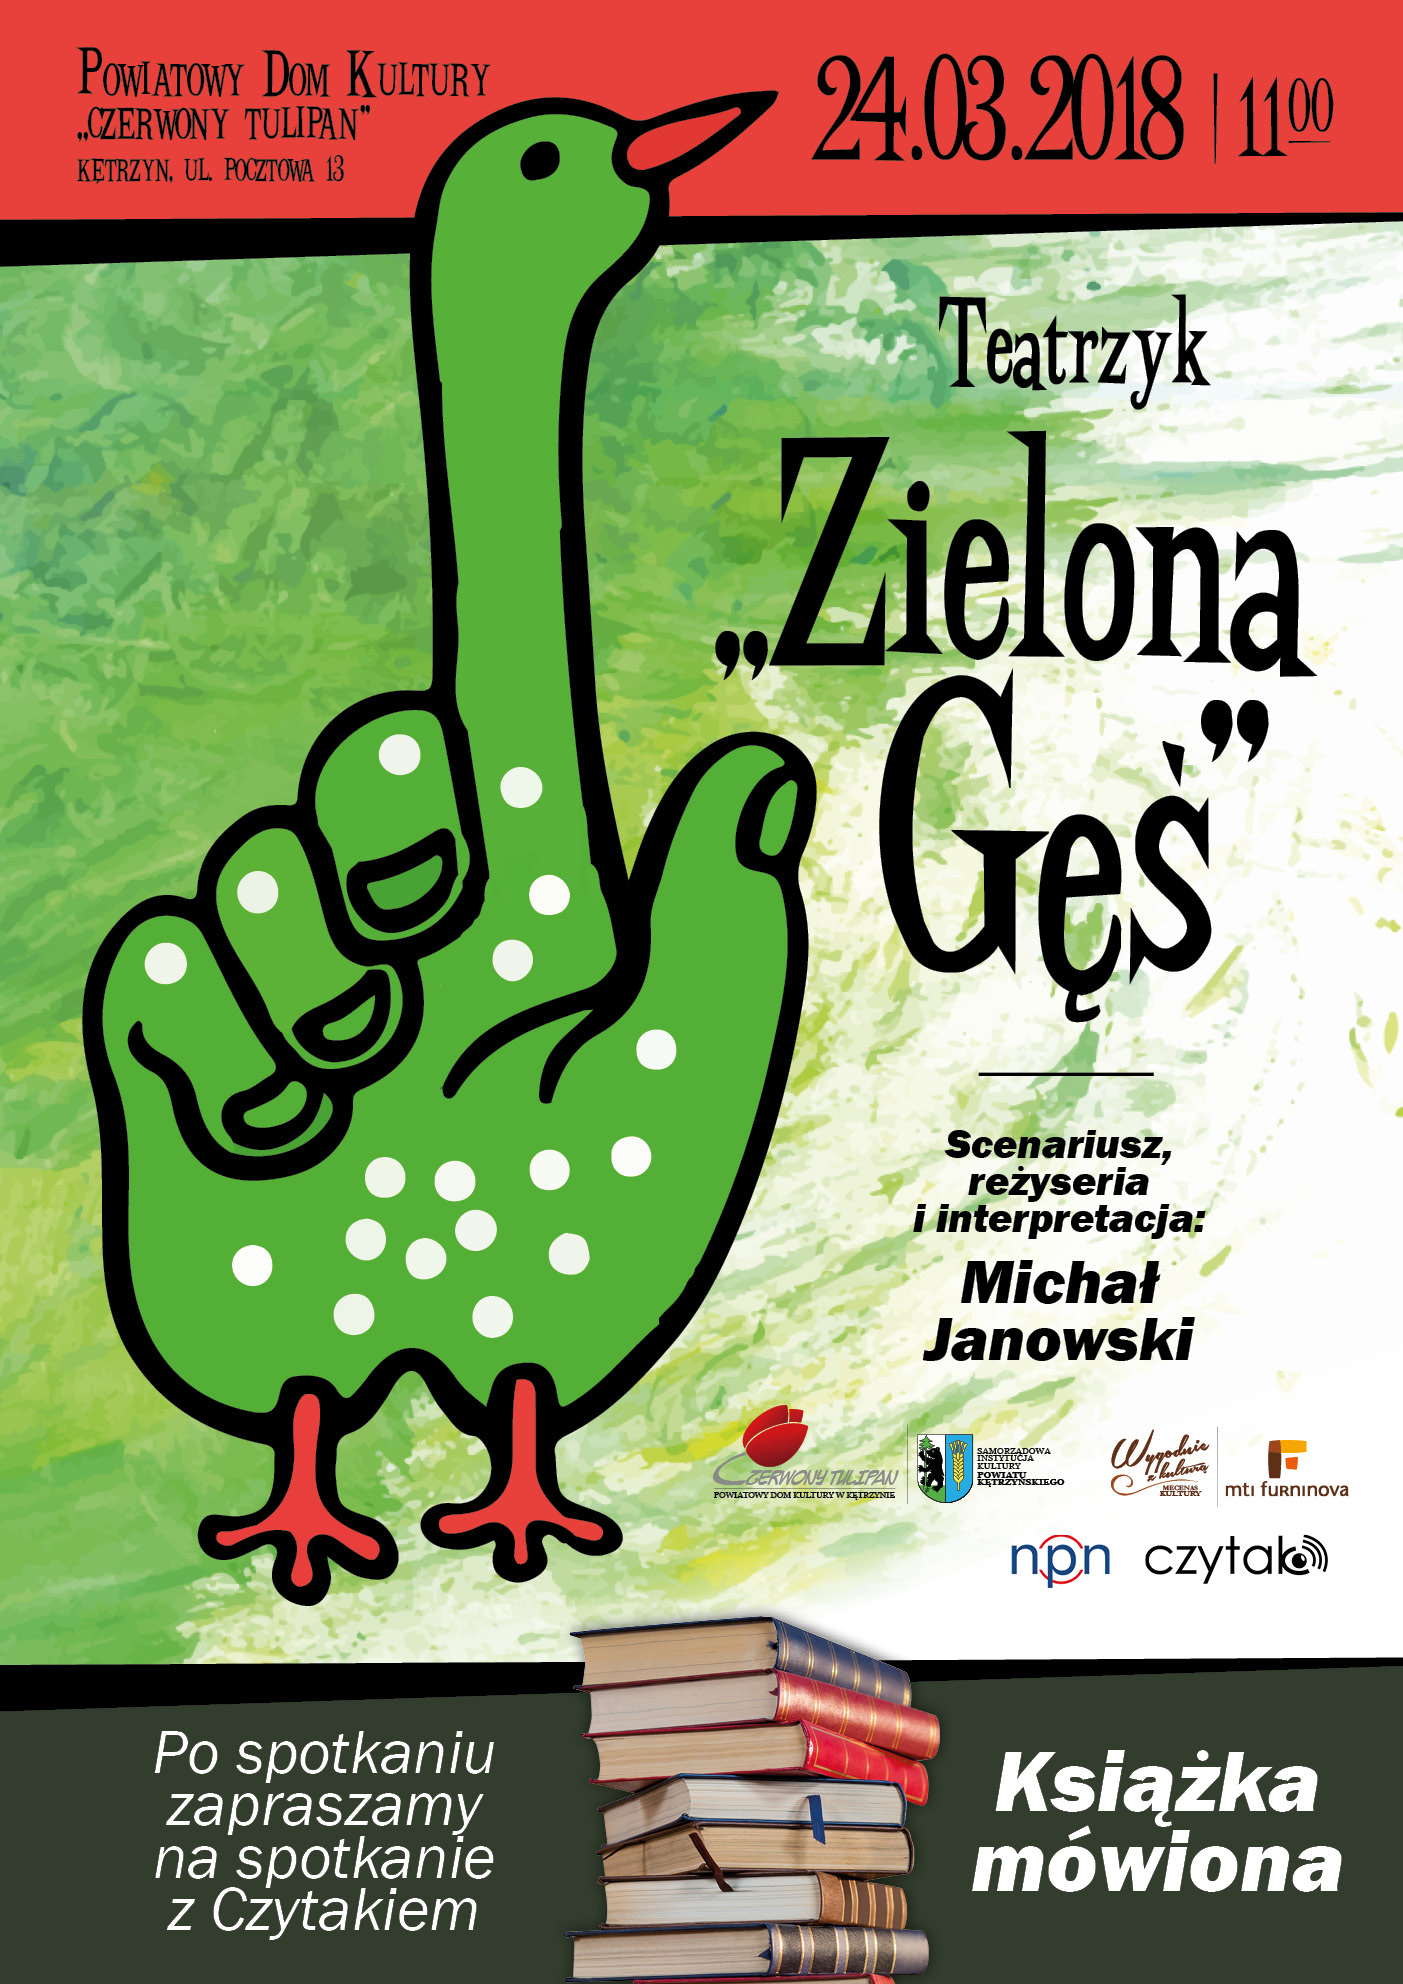 Teatrzyk Zielona Gęś Kętrzyn